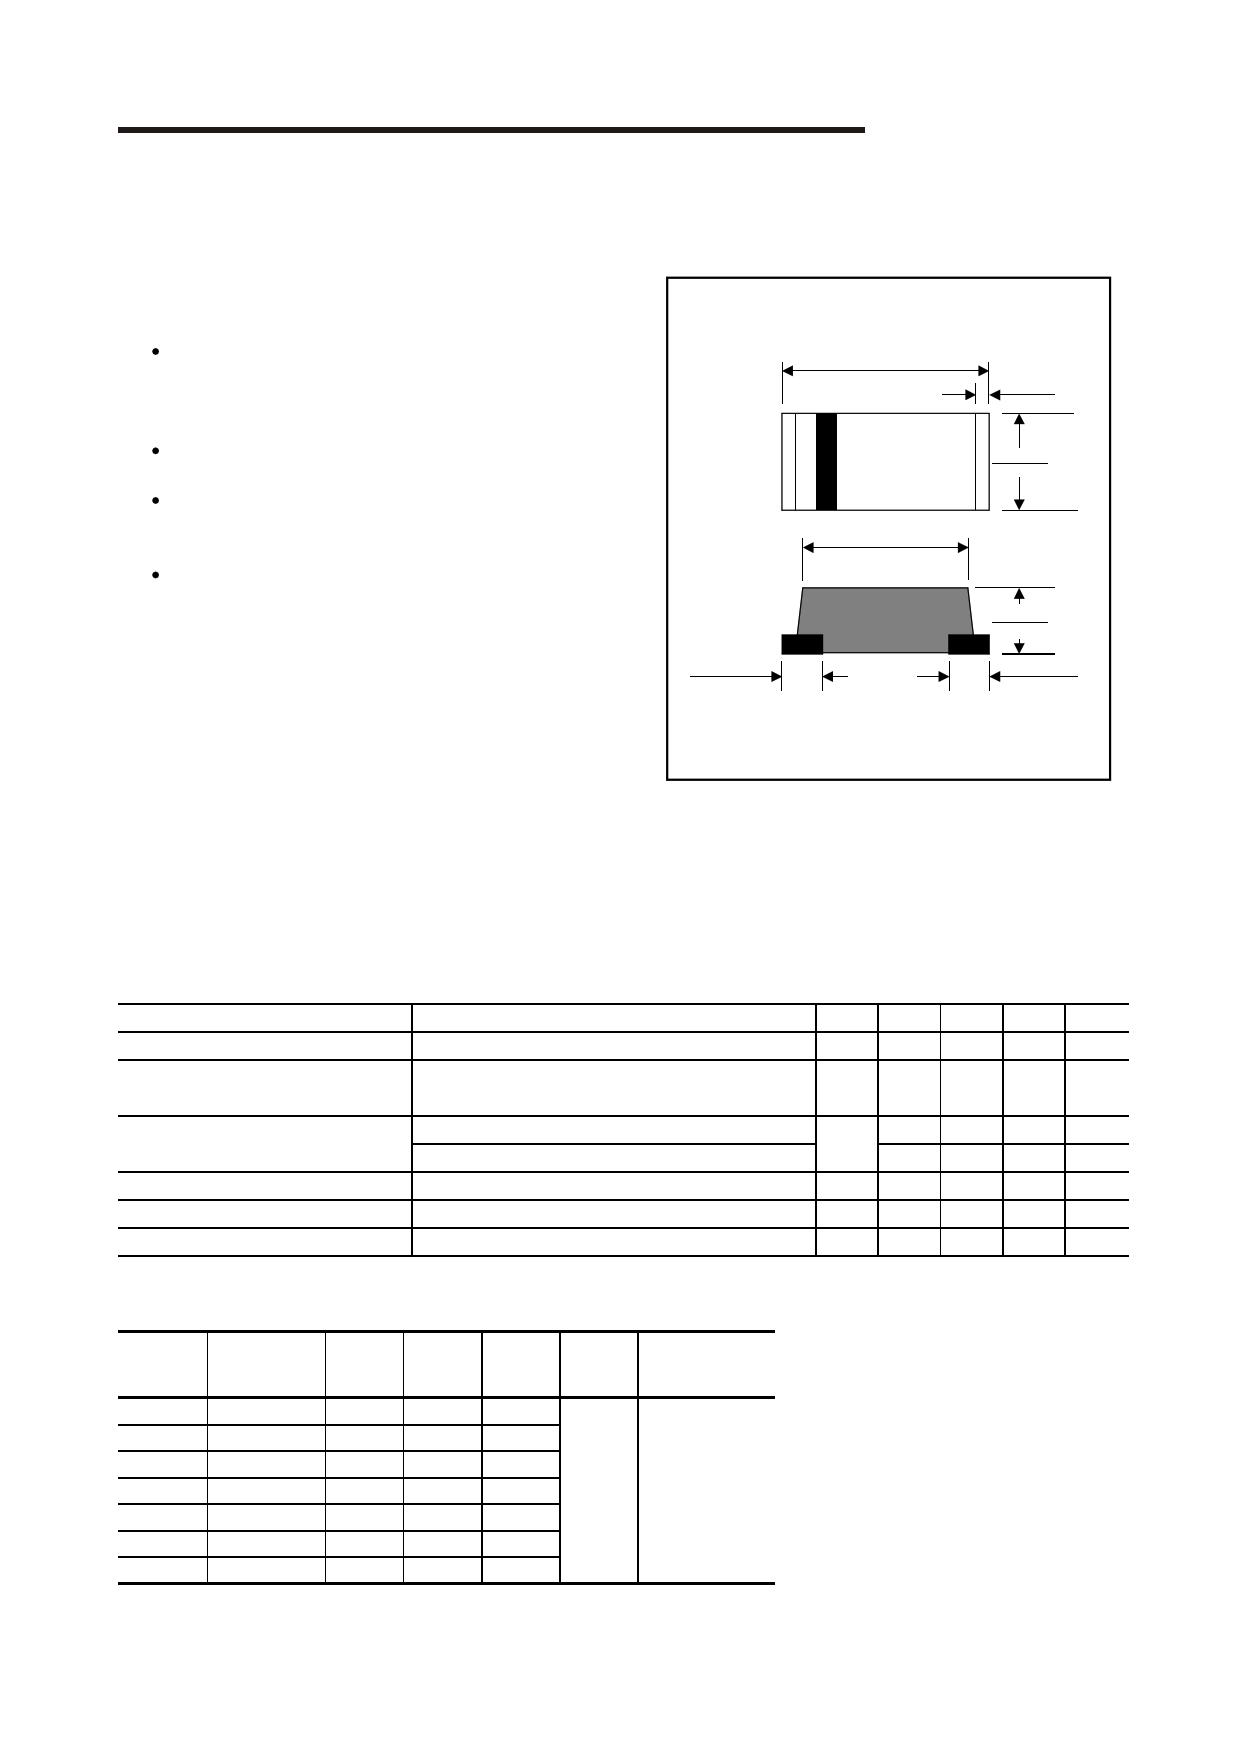 FM4003-L دیتاشیت PDF